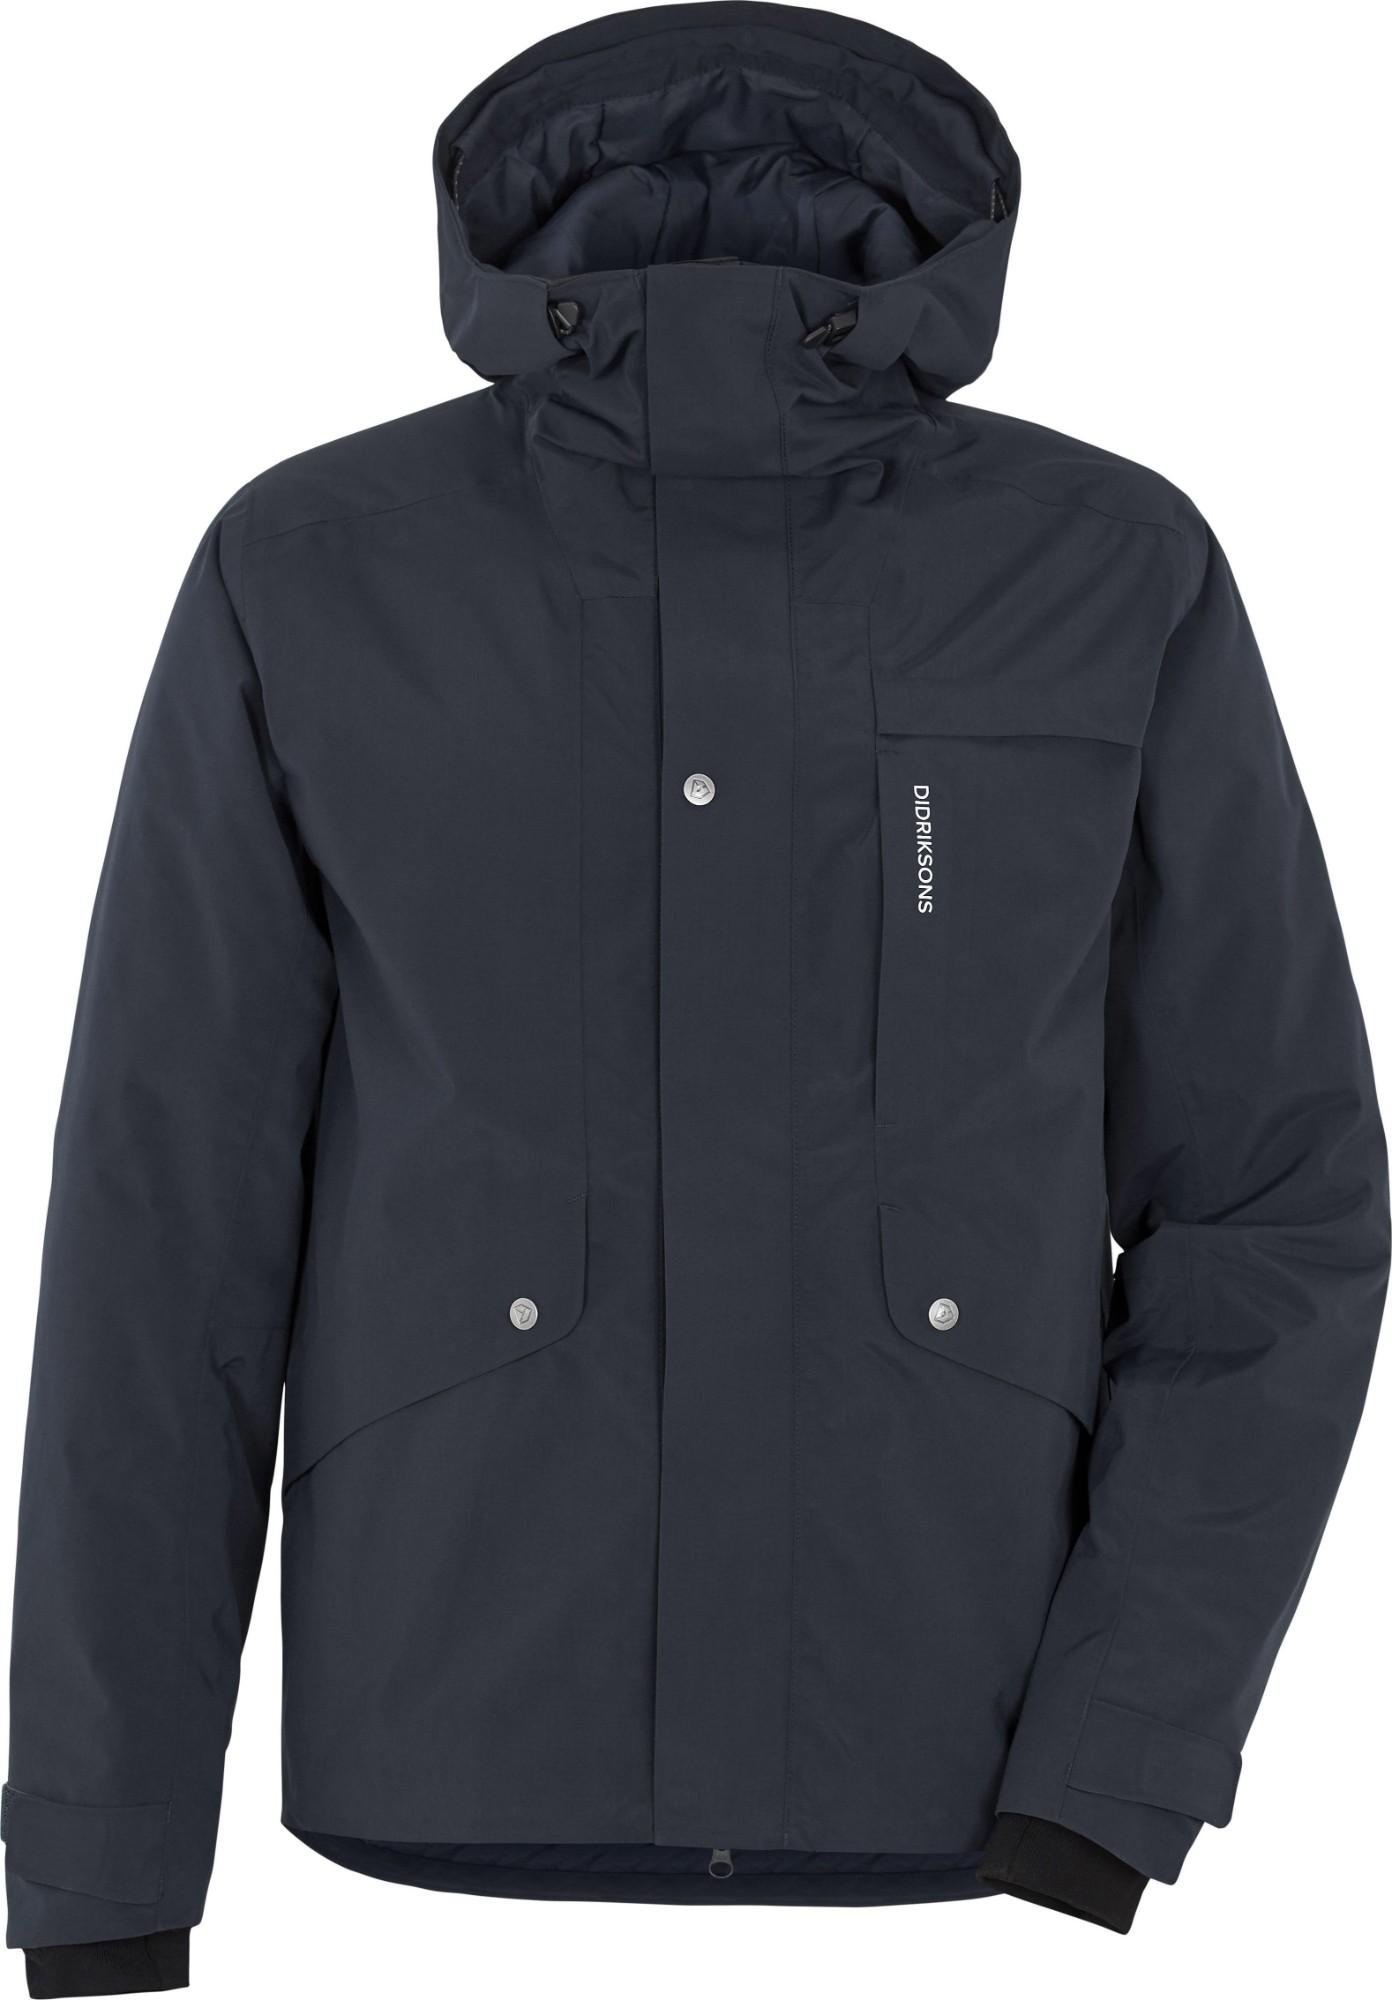 DIDRIKSONS Stern Jacket Dark Night Blue XL